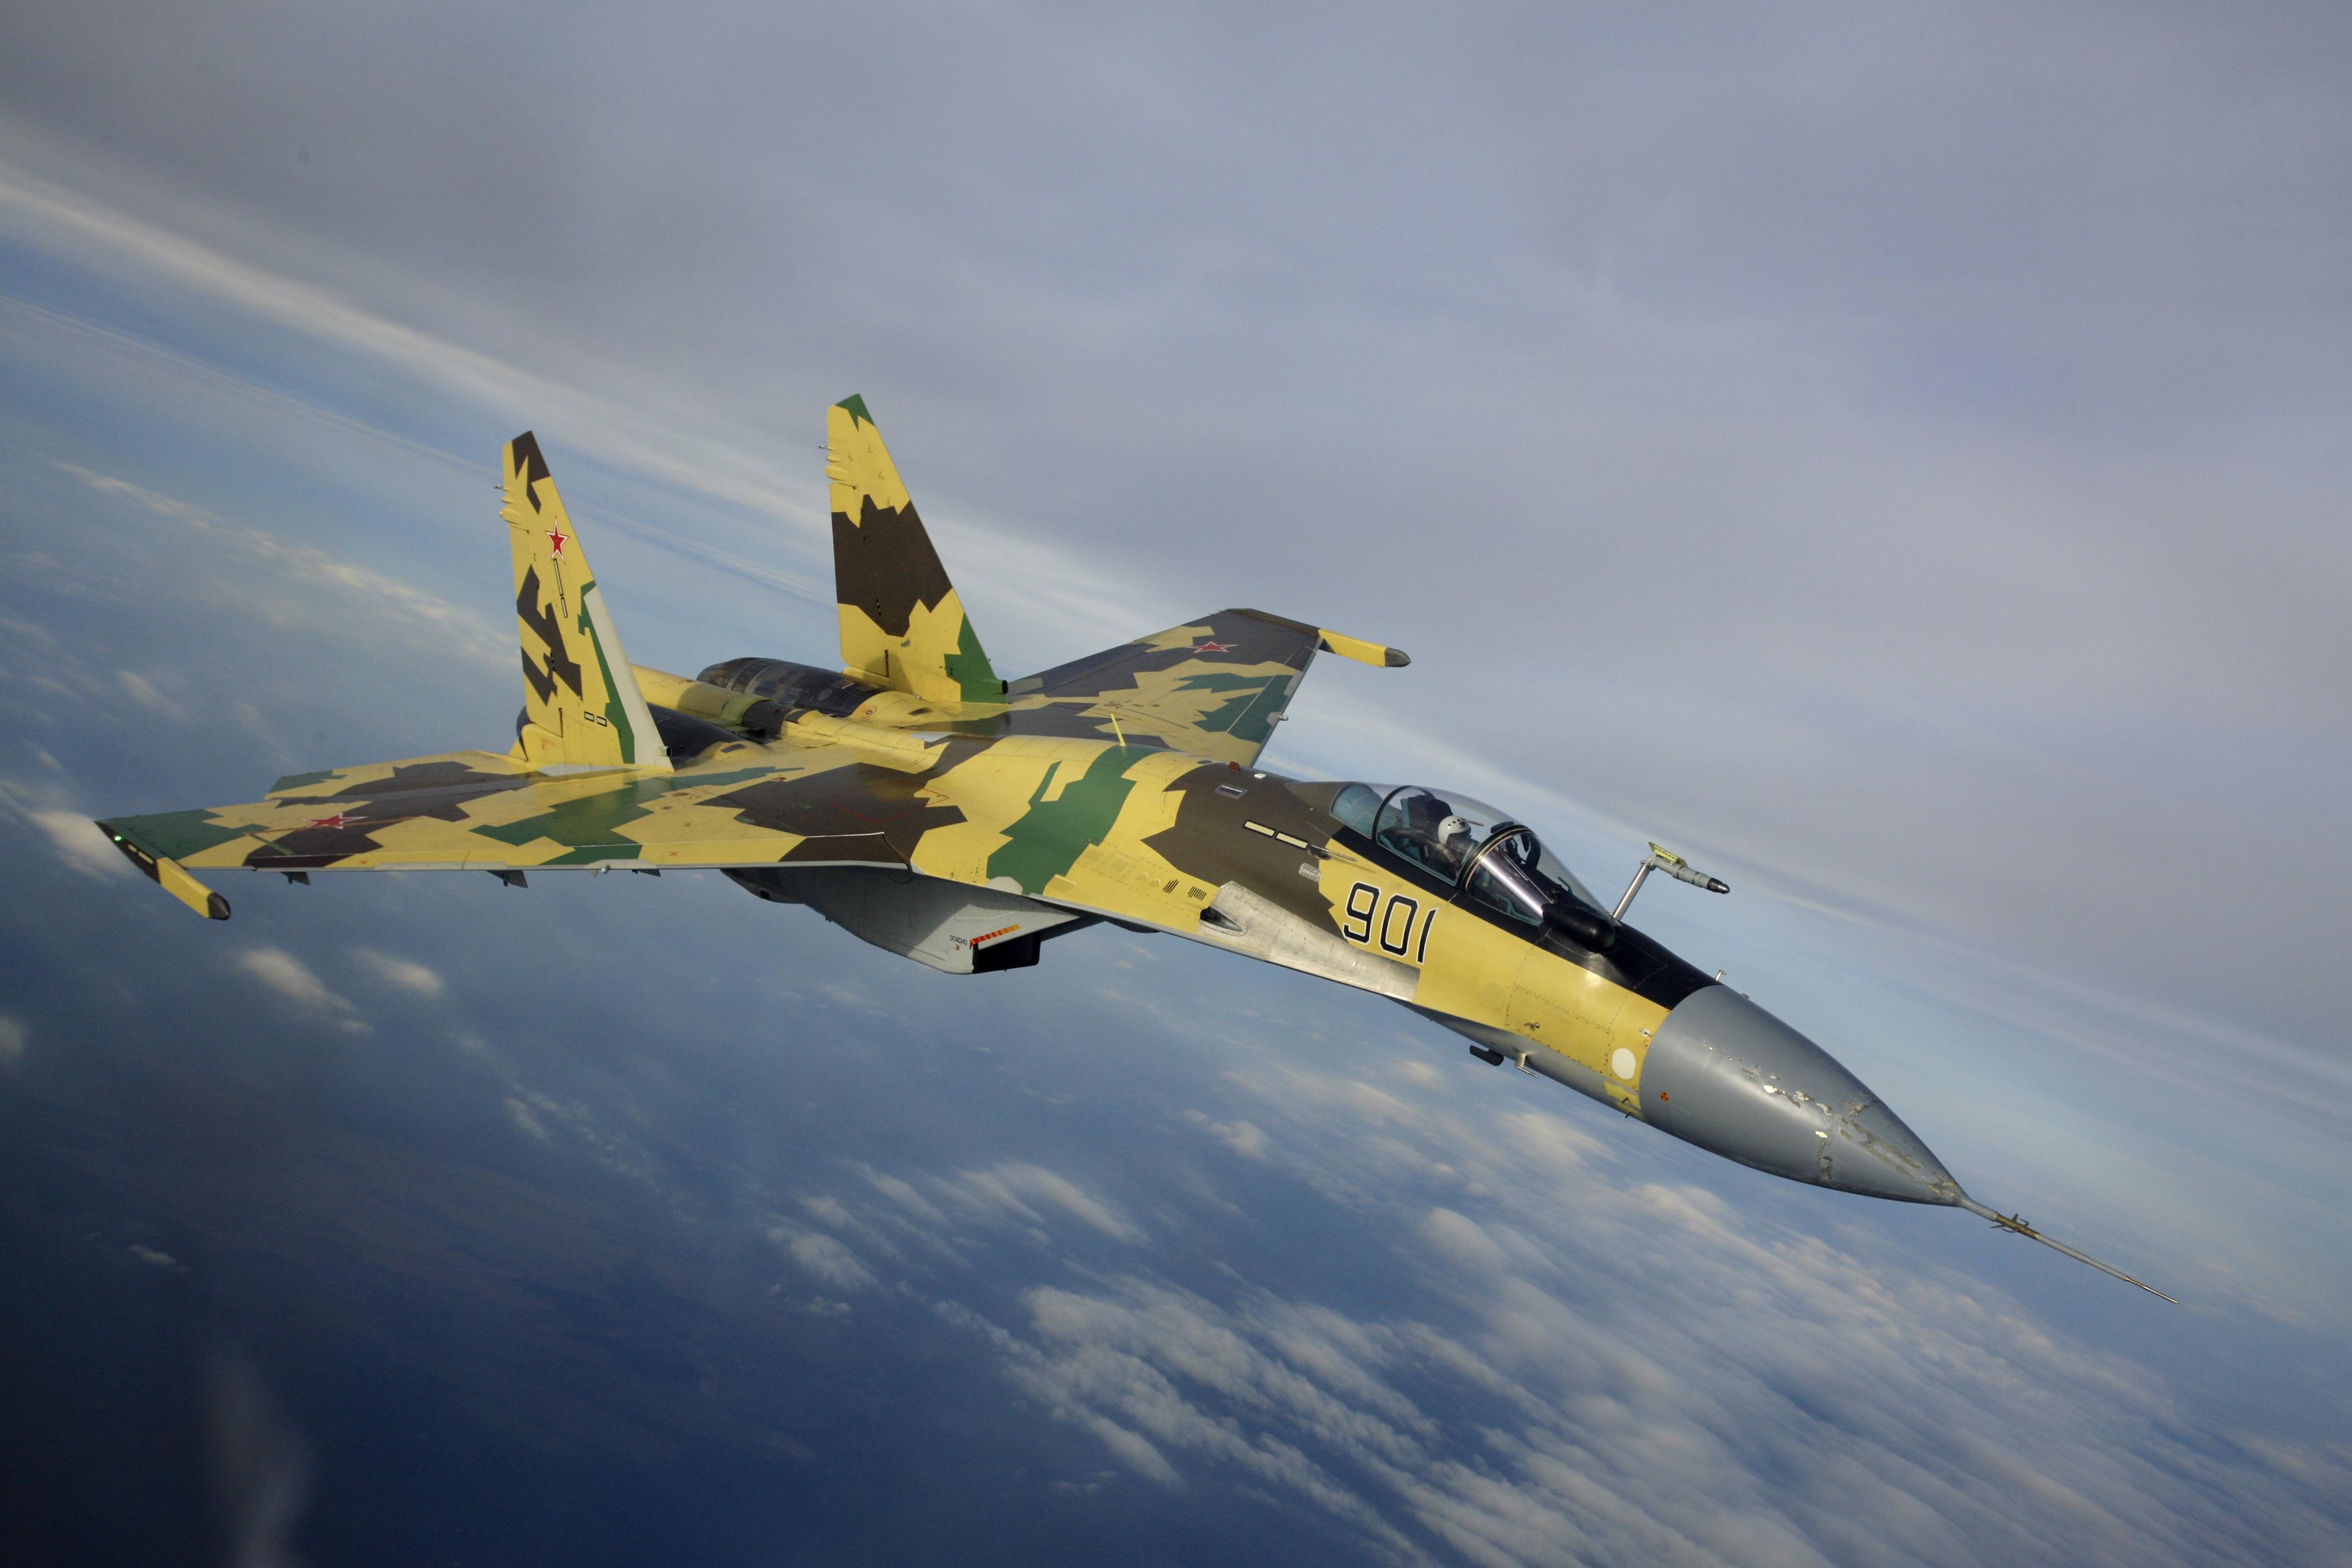 российские военные самолеты фото и названия приложите бровям пару